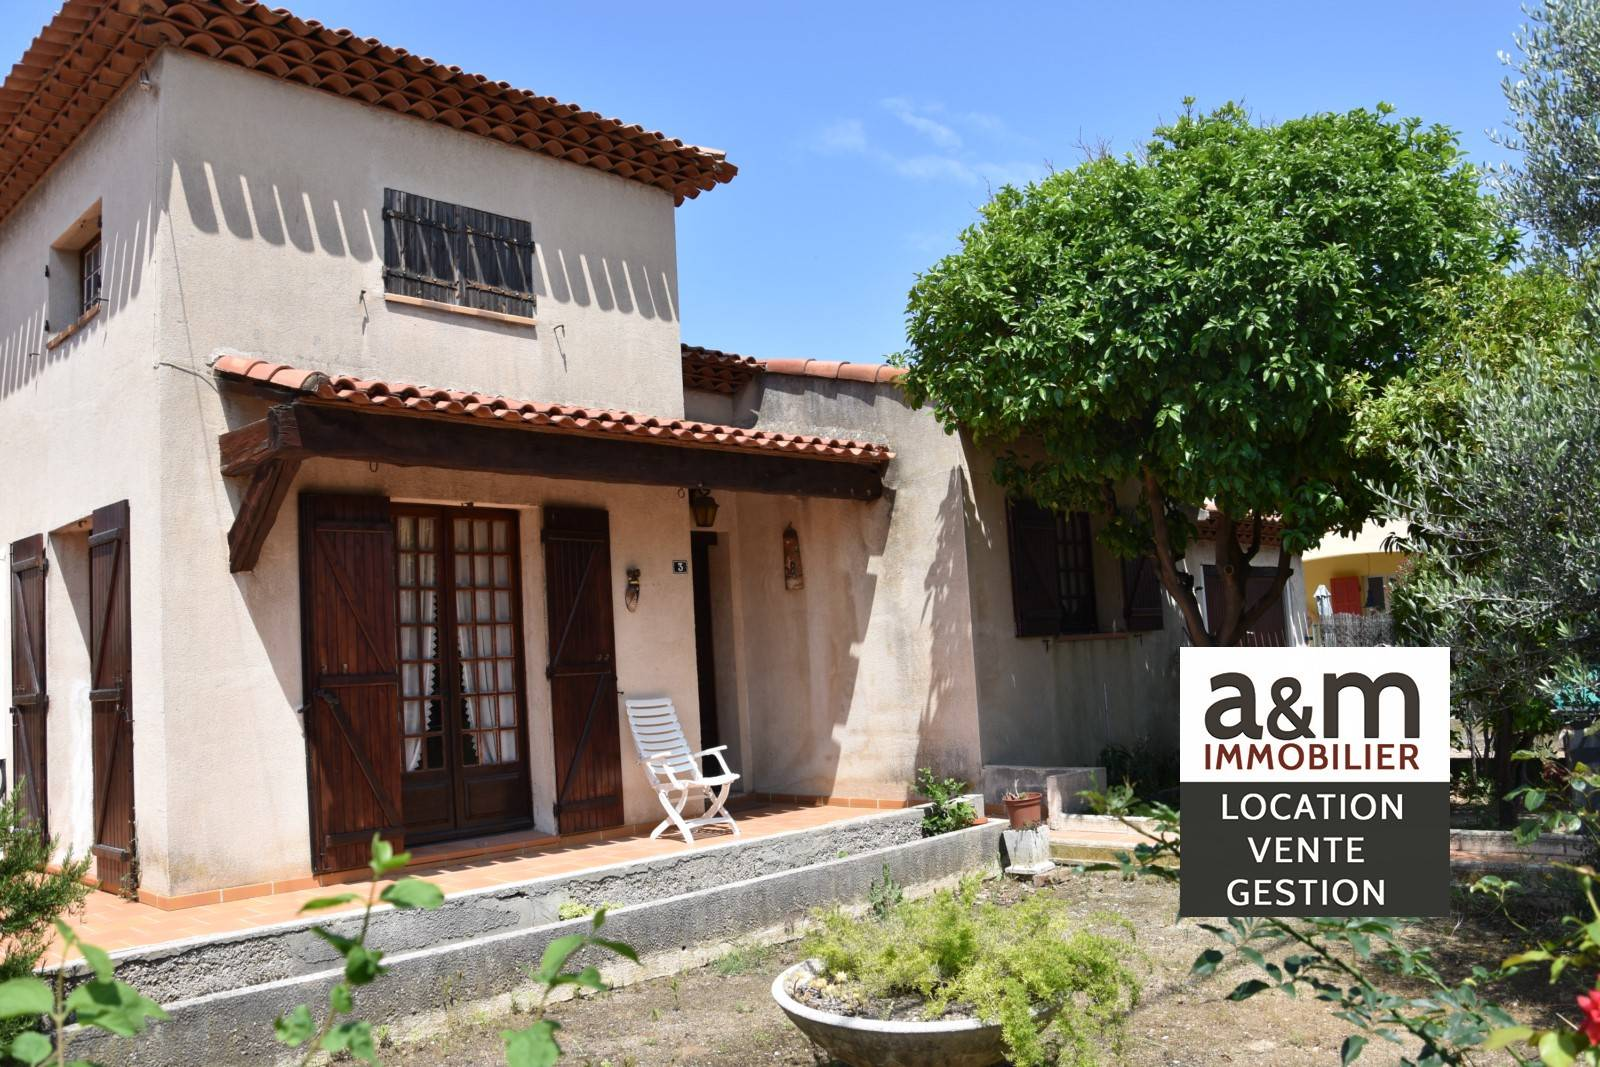 Acheter Maison A Renover A Chateauneuf Les Martigues Avec 3 Chambres Et Garage A M Immobilier